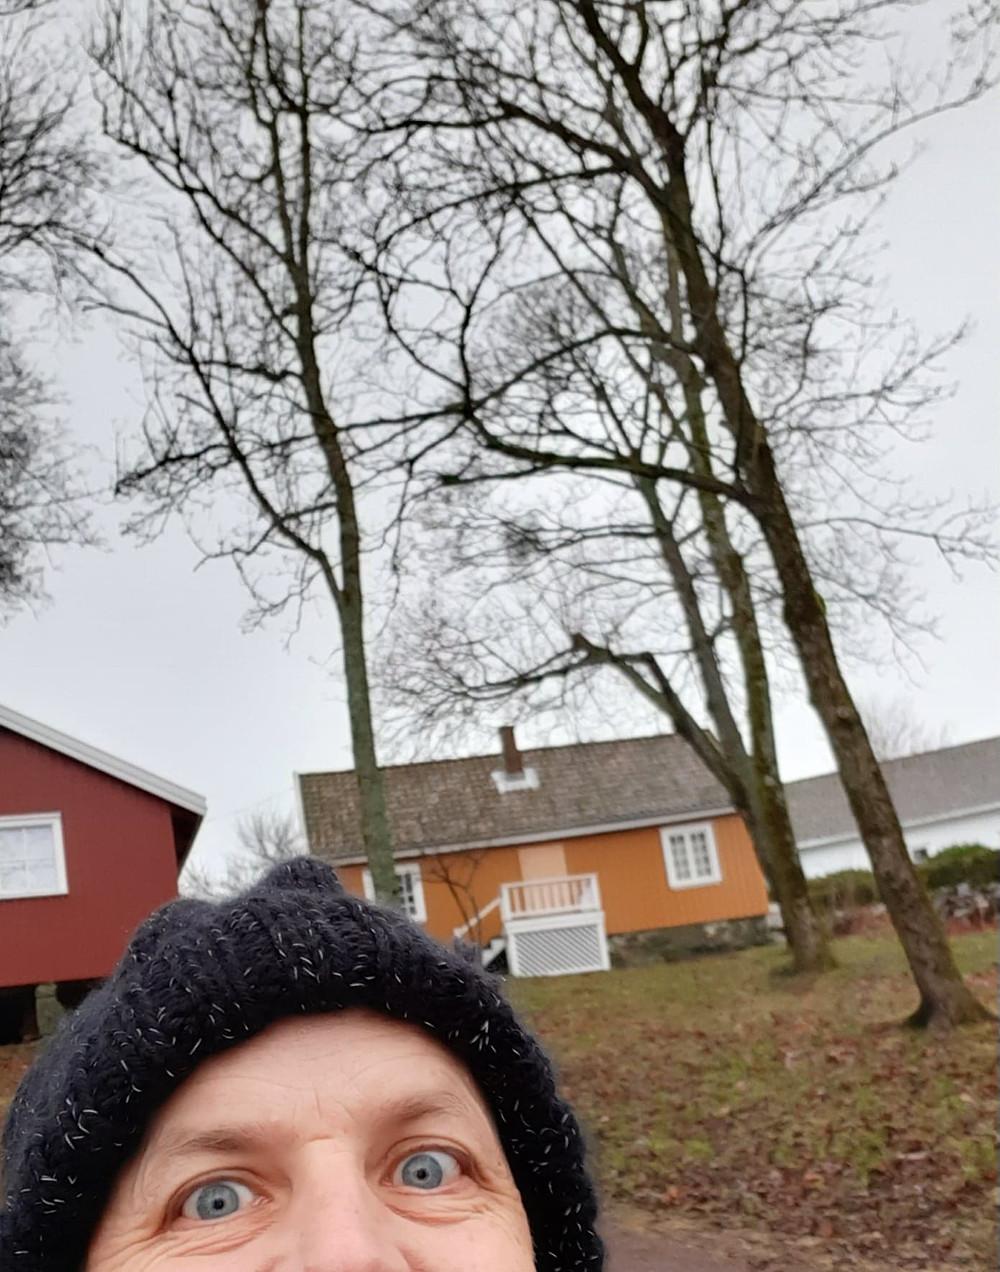 Munchs hus i Åsgårdstrand. Hvilket motiv er jeg?